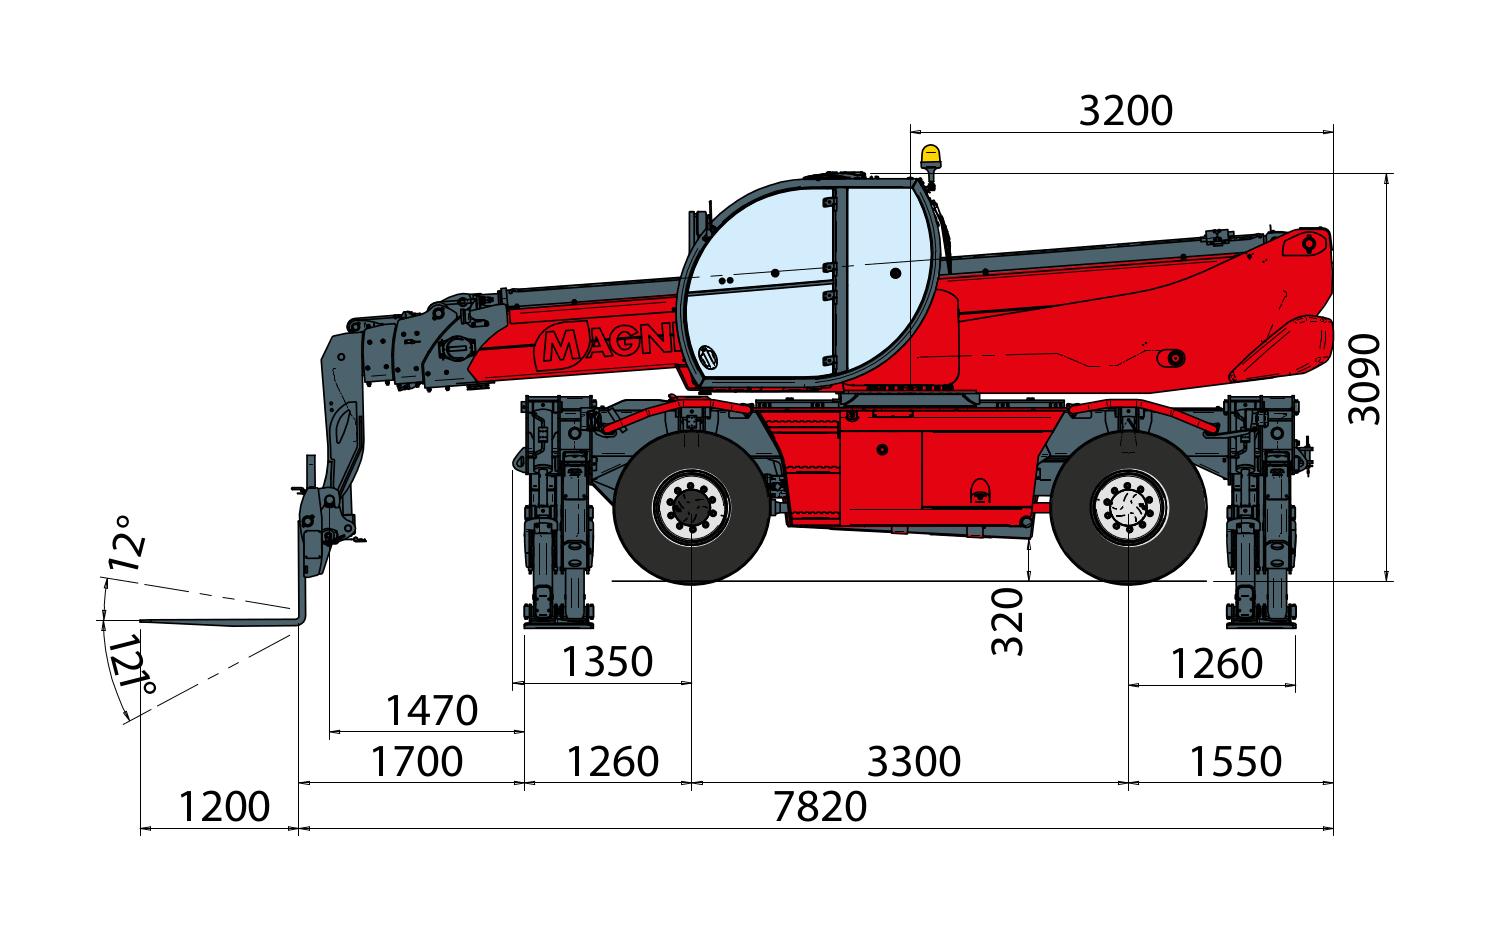 Magni RTH 526 S Dimensions (3)